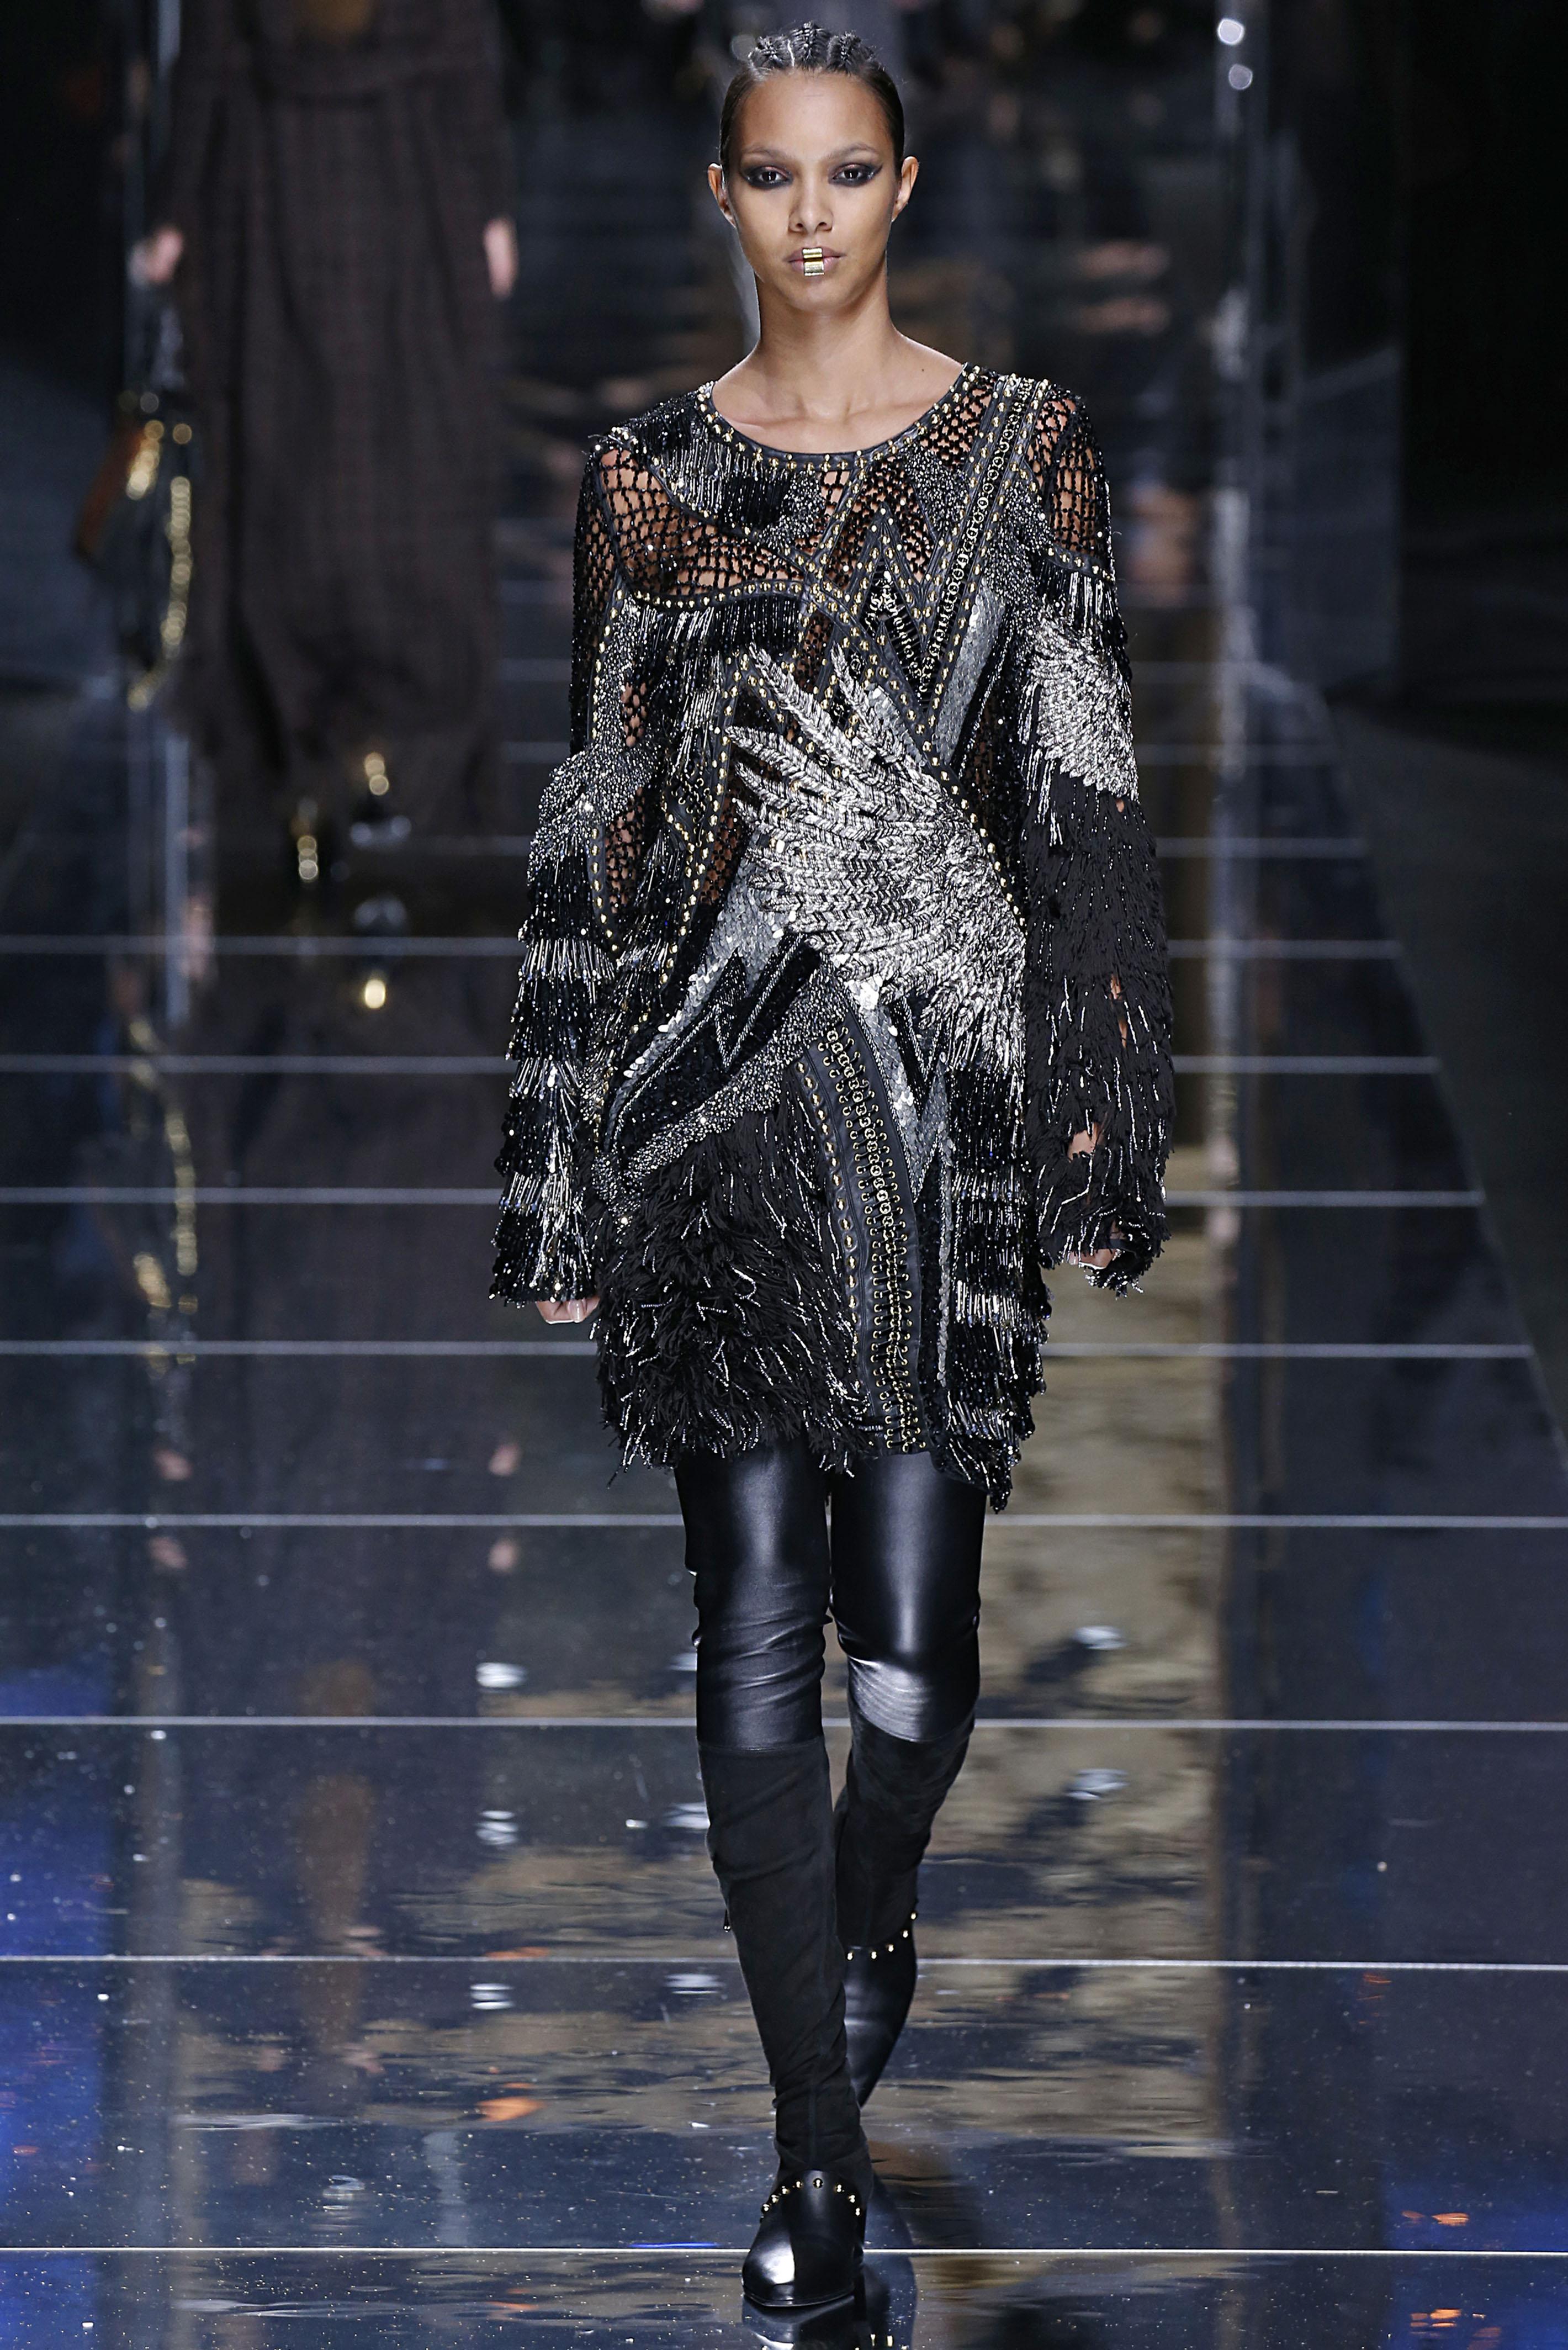 Balmain : Runway - Paris Fashion Week Womenswear Fall/Winter 2017/2018